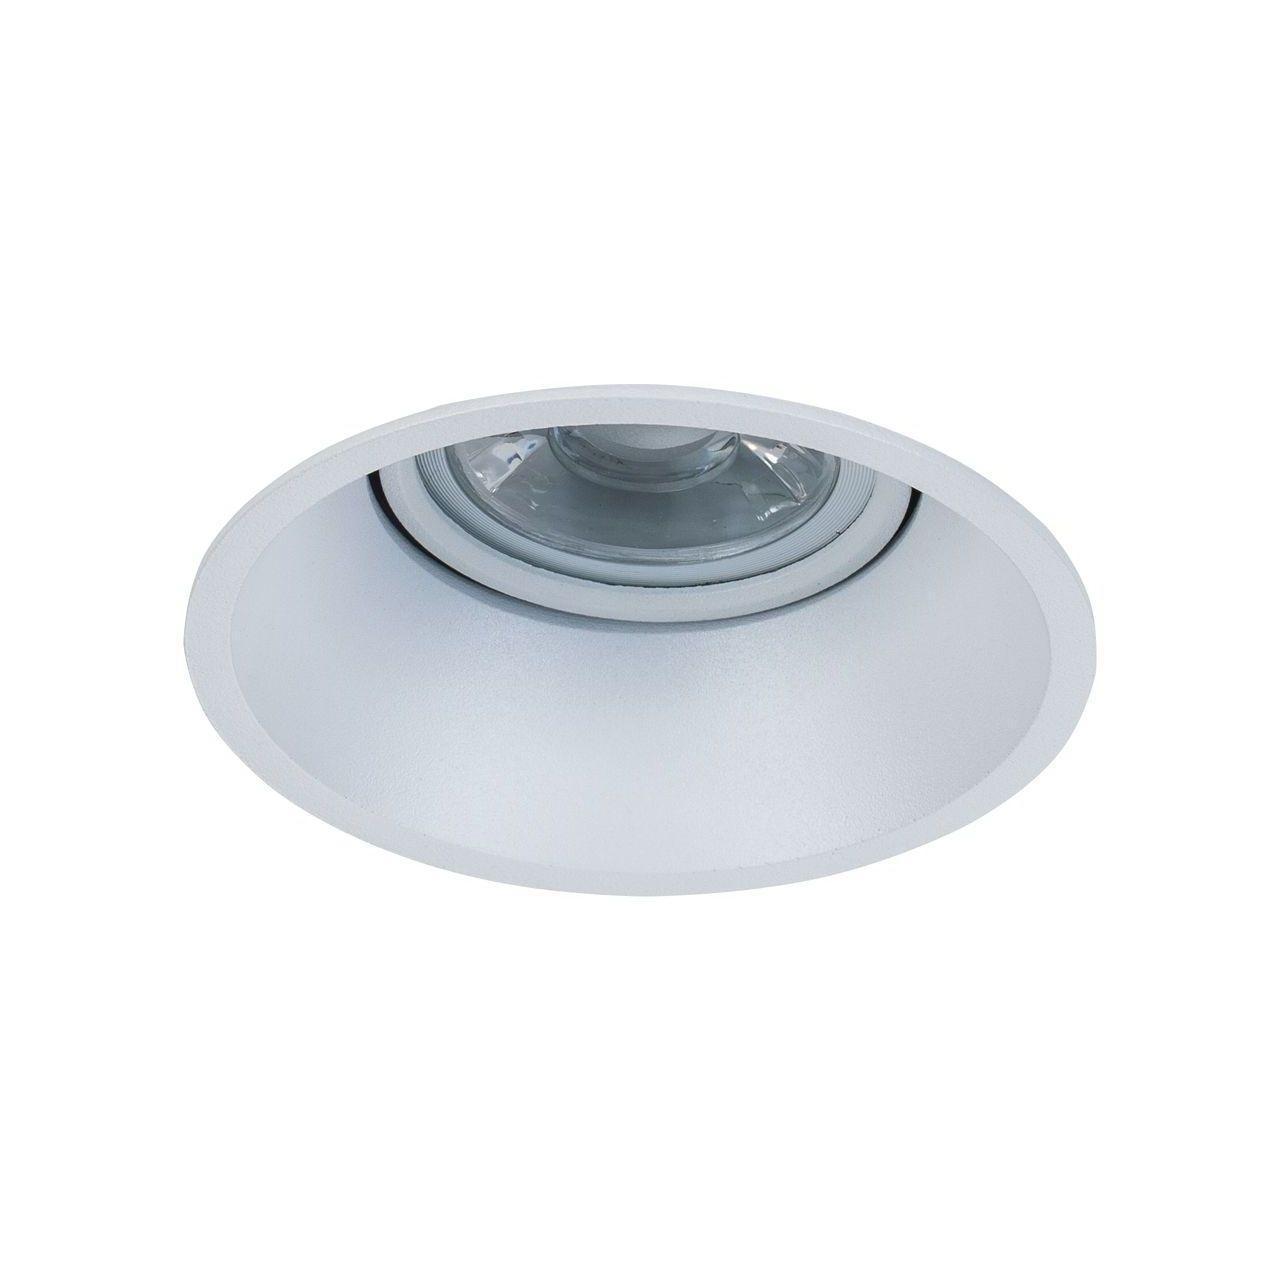 Встраиваемый светильник Maytoni Dot DL028-2-01W dot